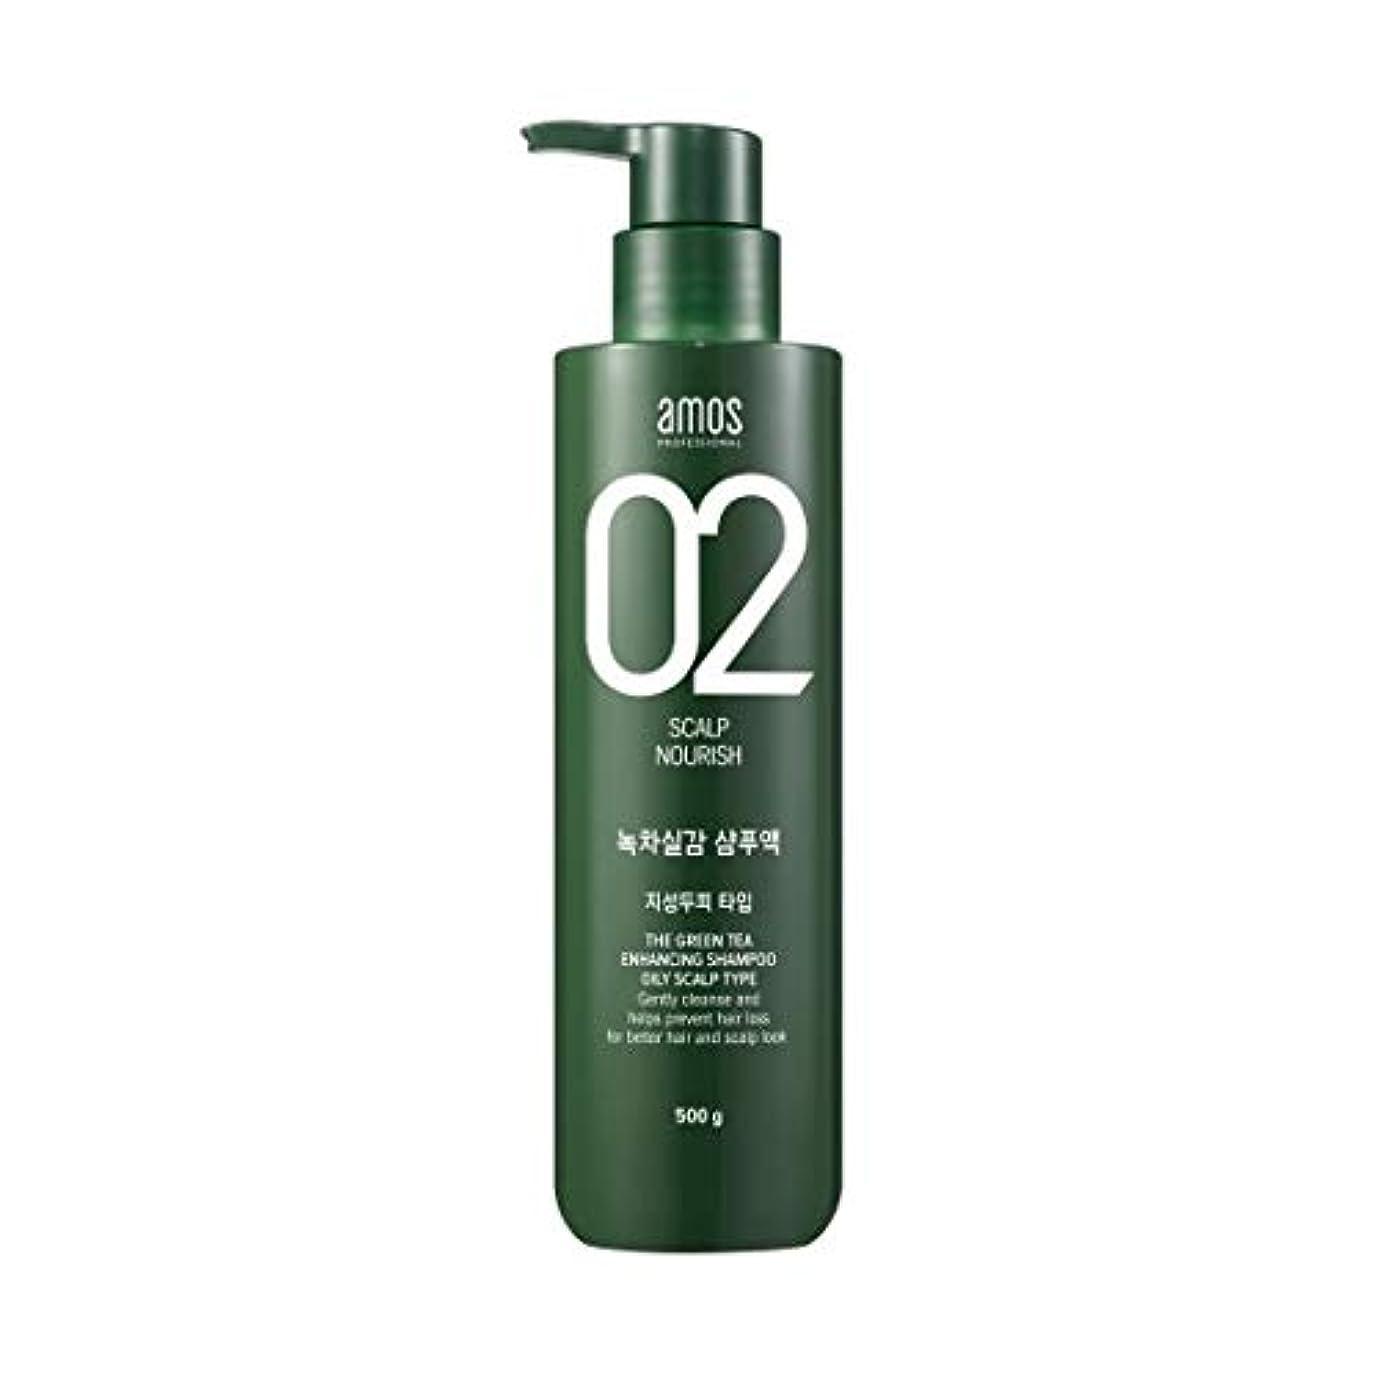 晴れ大聖堂毛布Amos Green Tea Enhancing Shampoo -Oily 500g / アモス ザ グリーンティー エンハンシング シャンプー # 脂性 オイリー スカルプタイプ [並行輸入品]